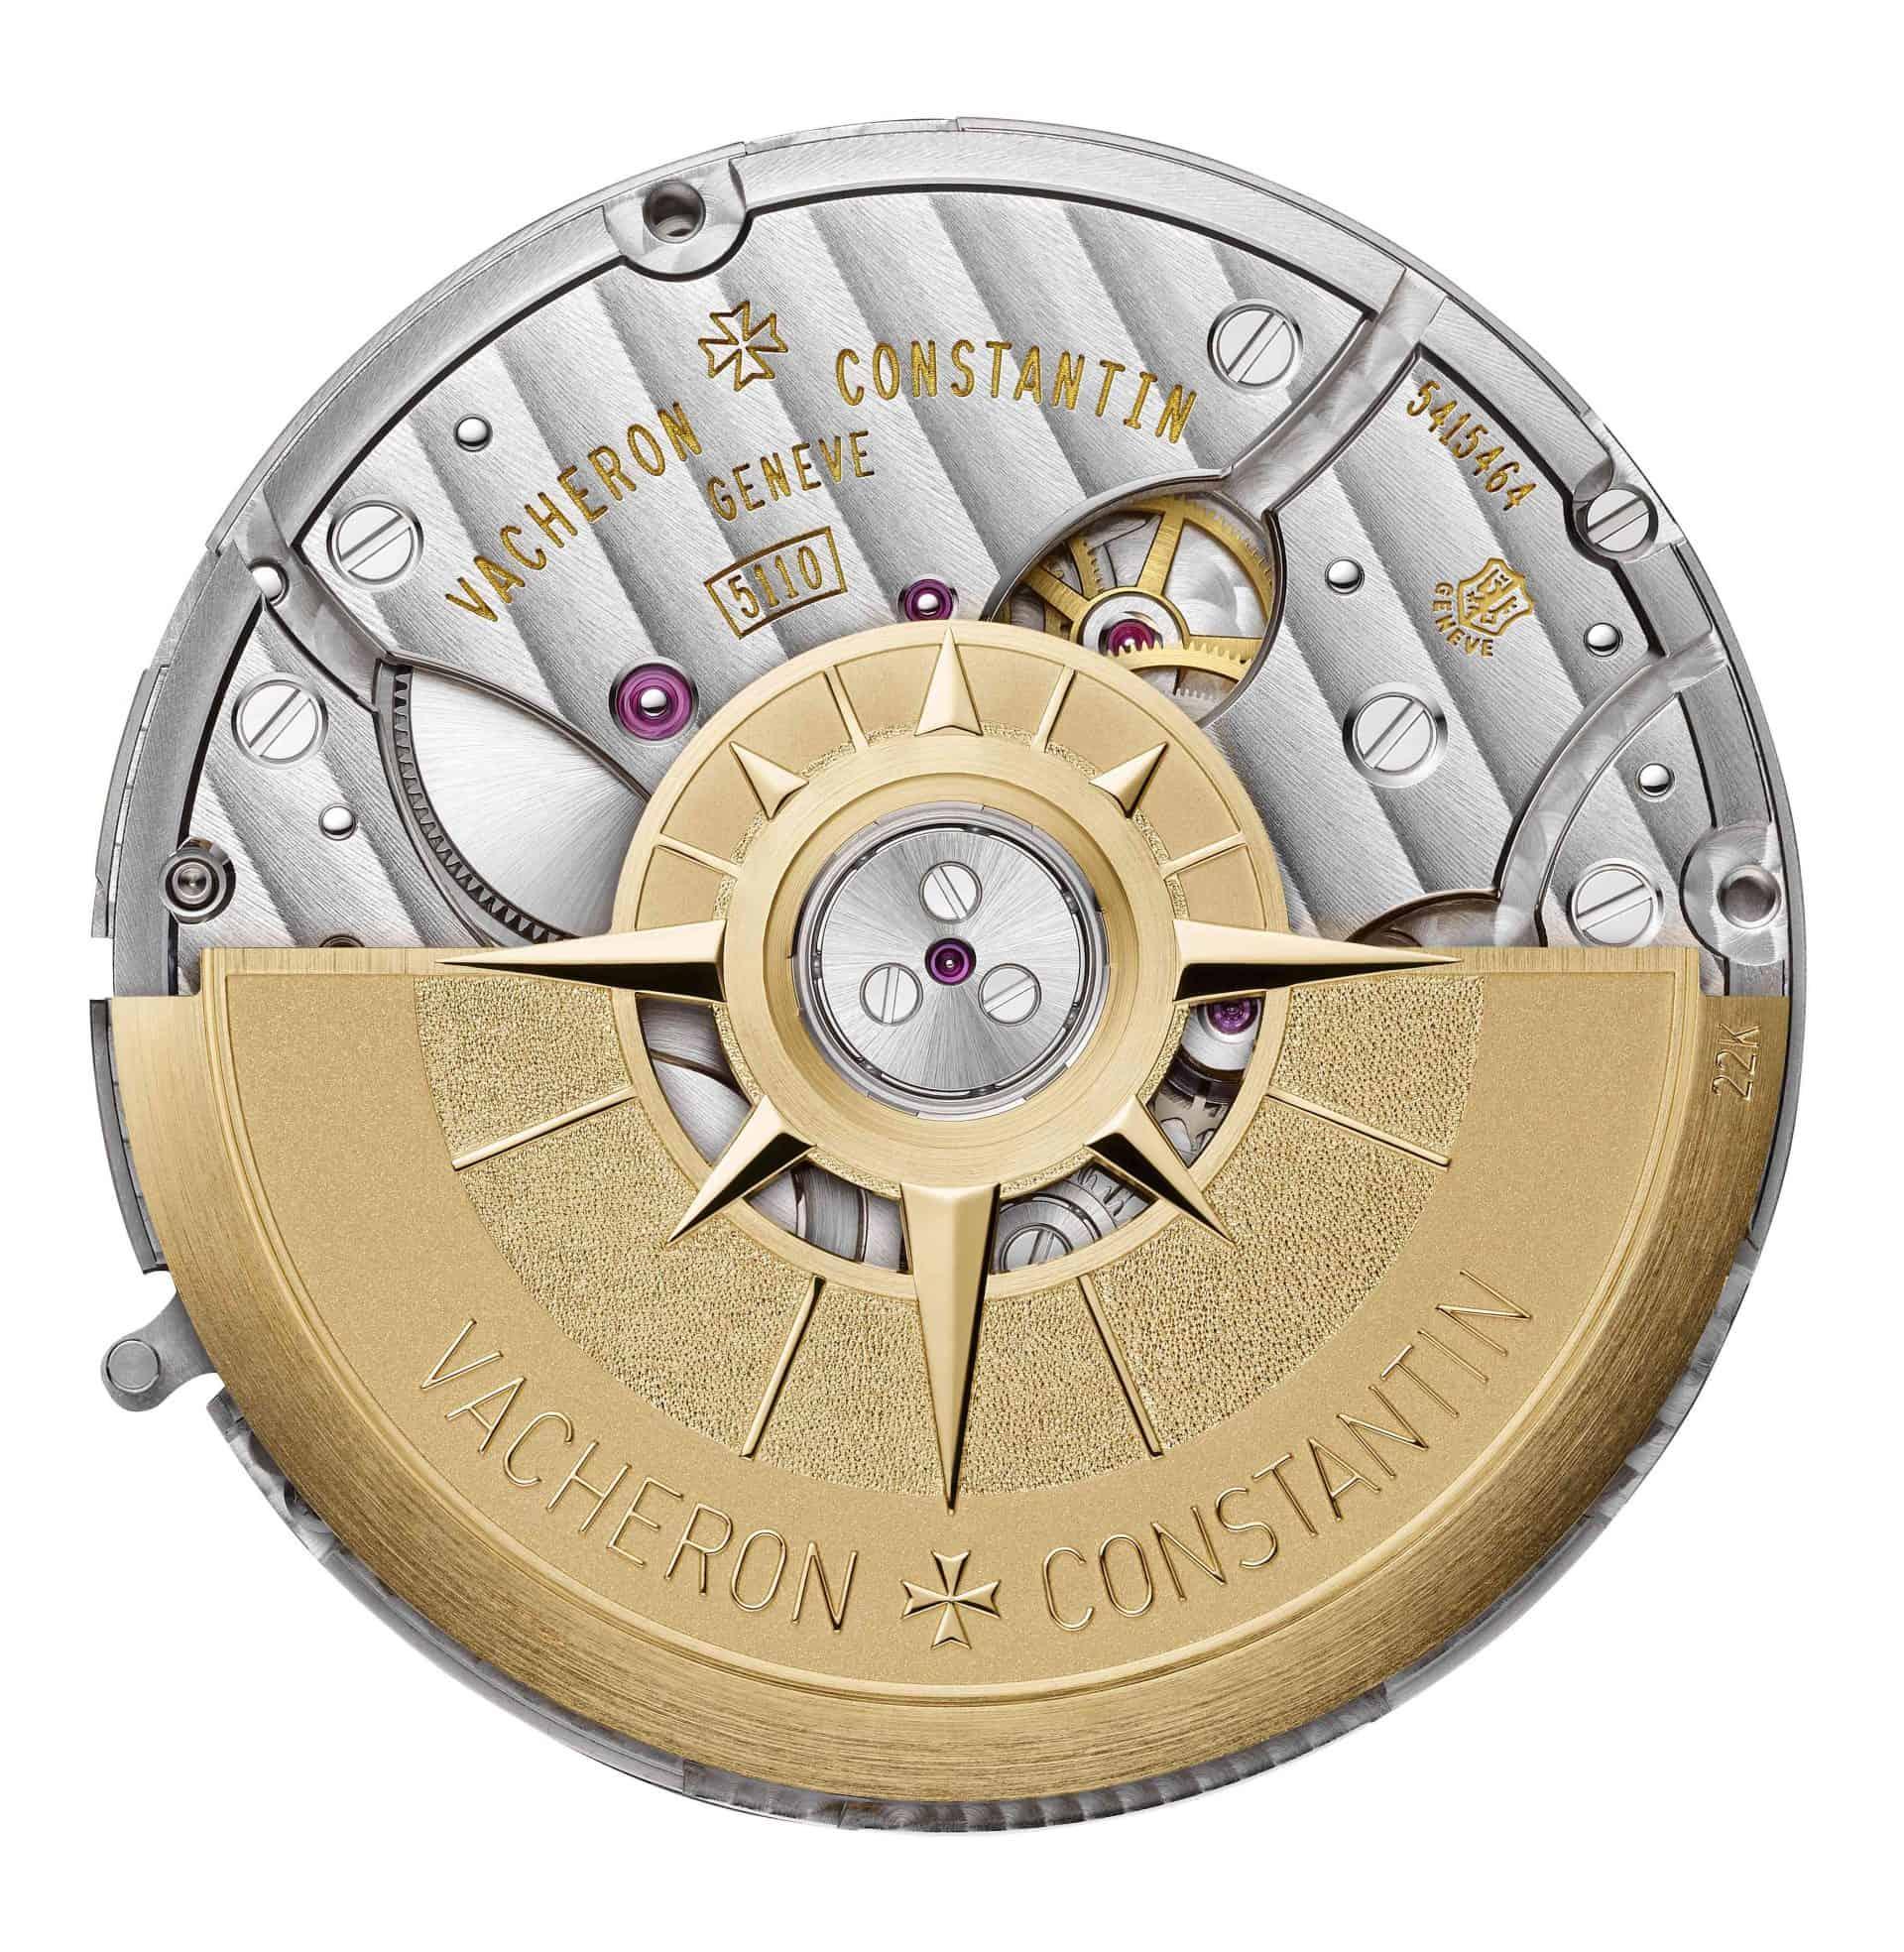 Vacheron Constantin calibre 5110dt dos tr 241067